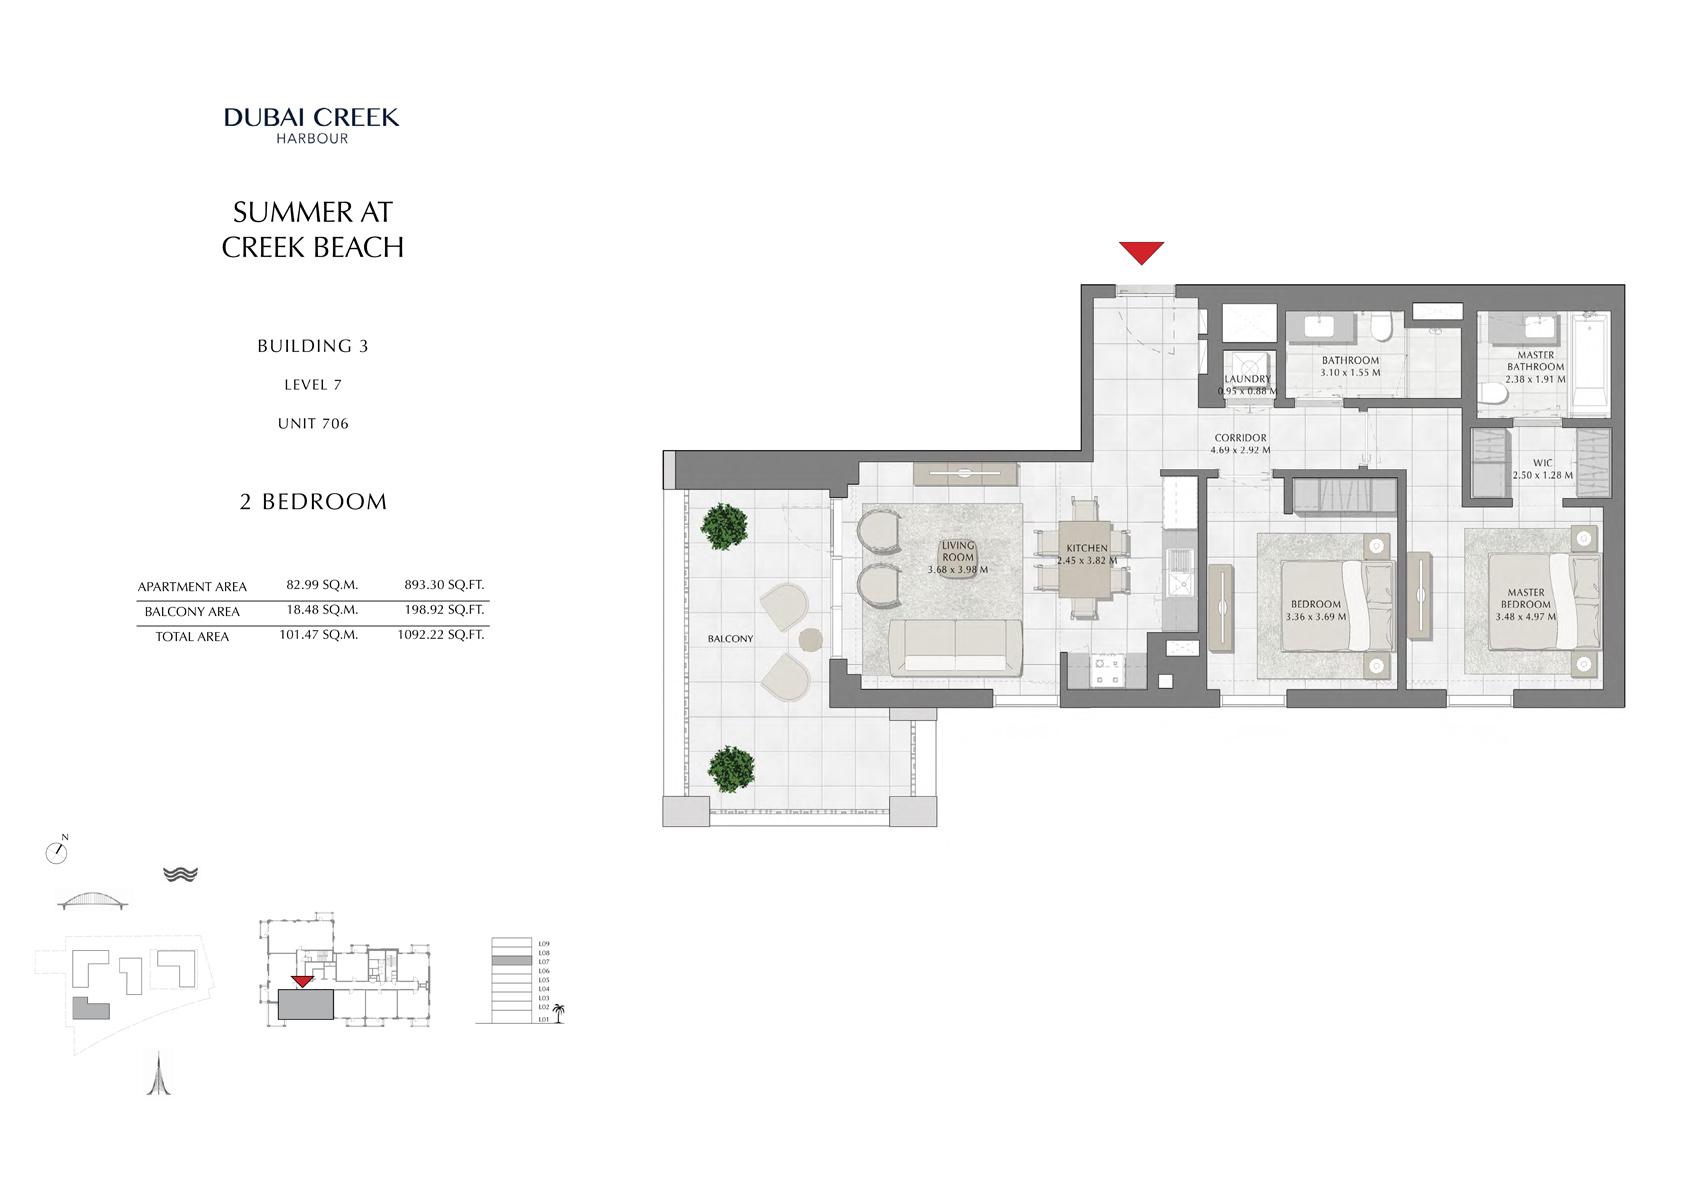 2 Br Building 3 Level 7 Unit 706, Size 1092 Sq Ft